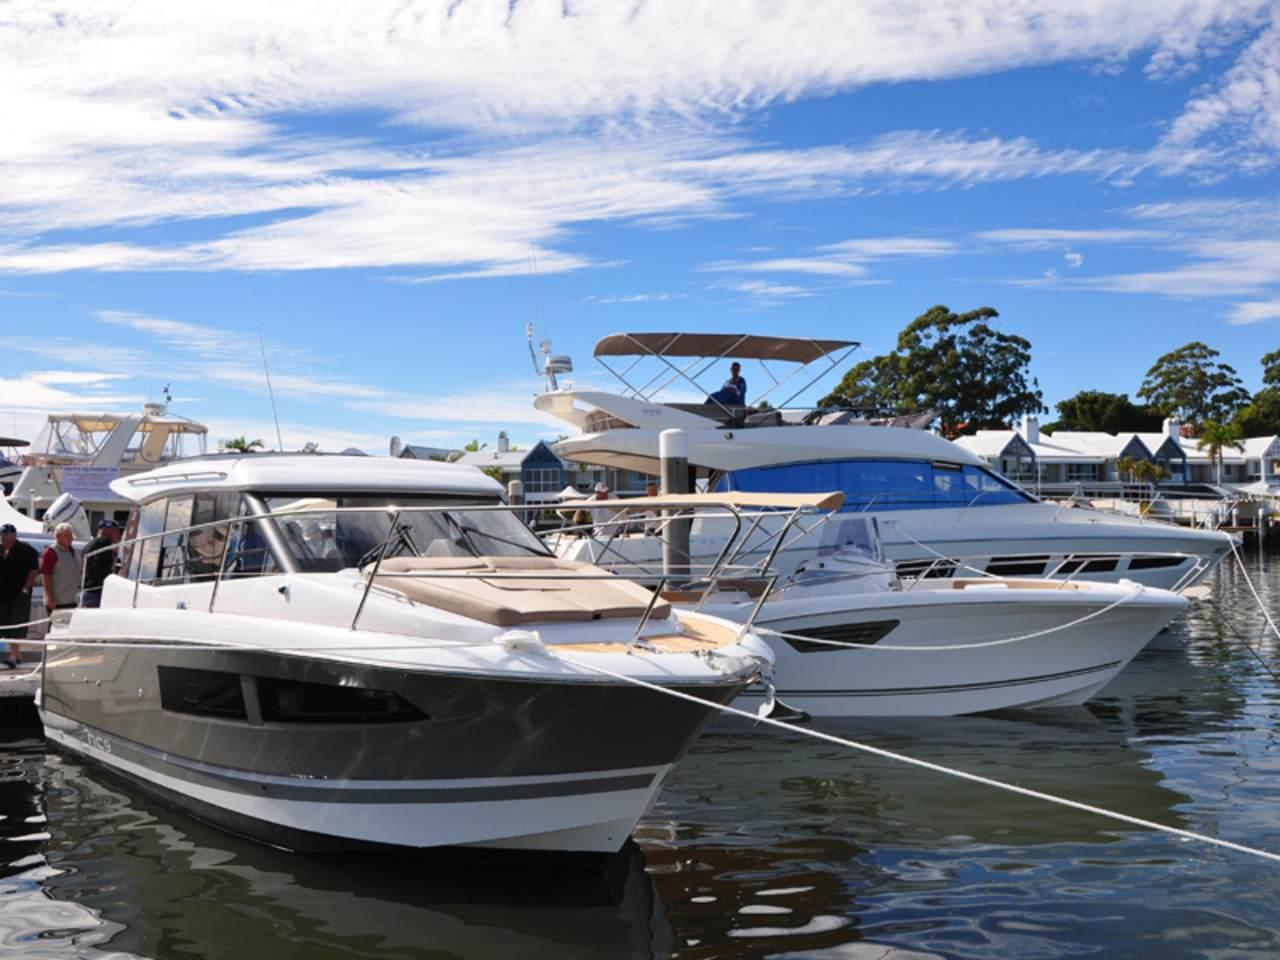 Prestige in Sanctuary Cove boat show 2012 5